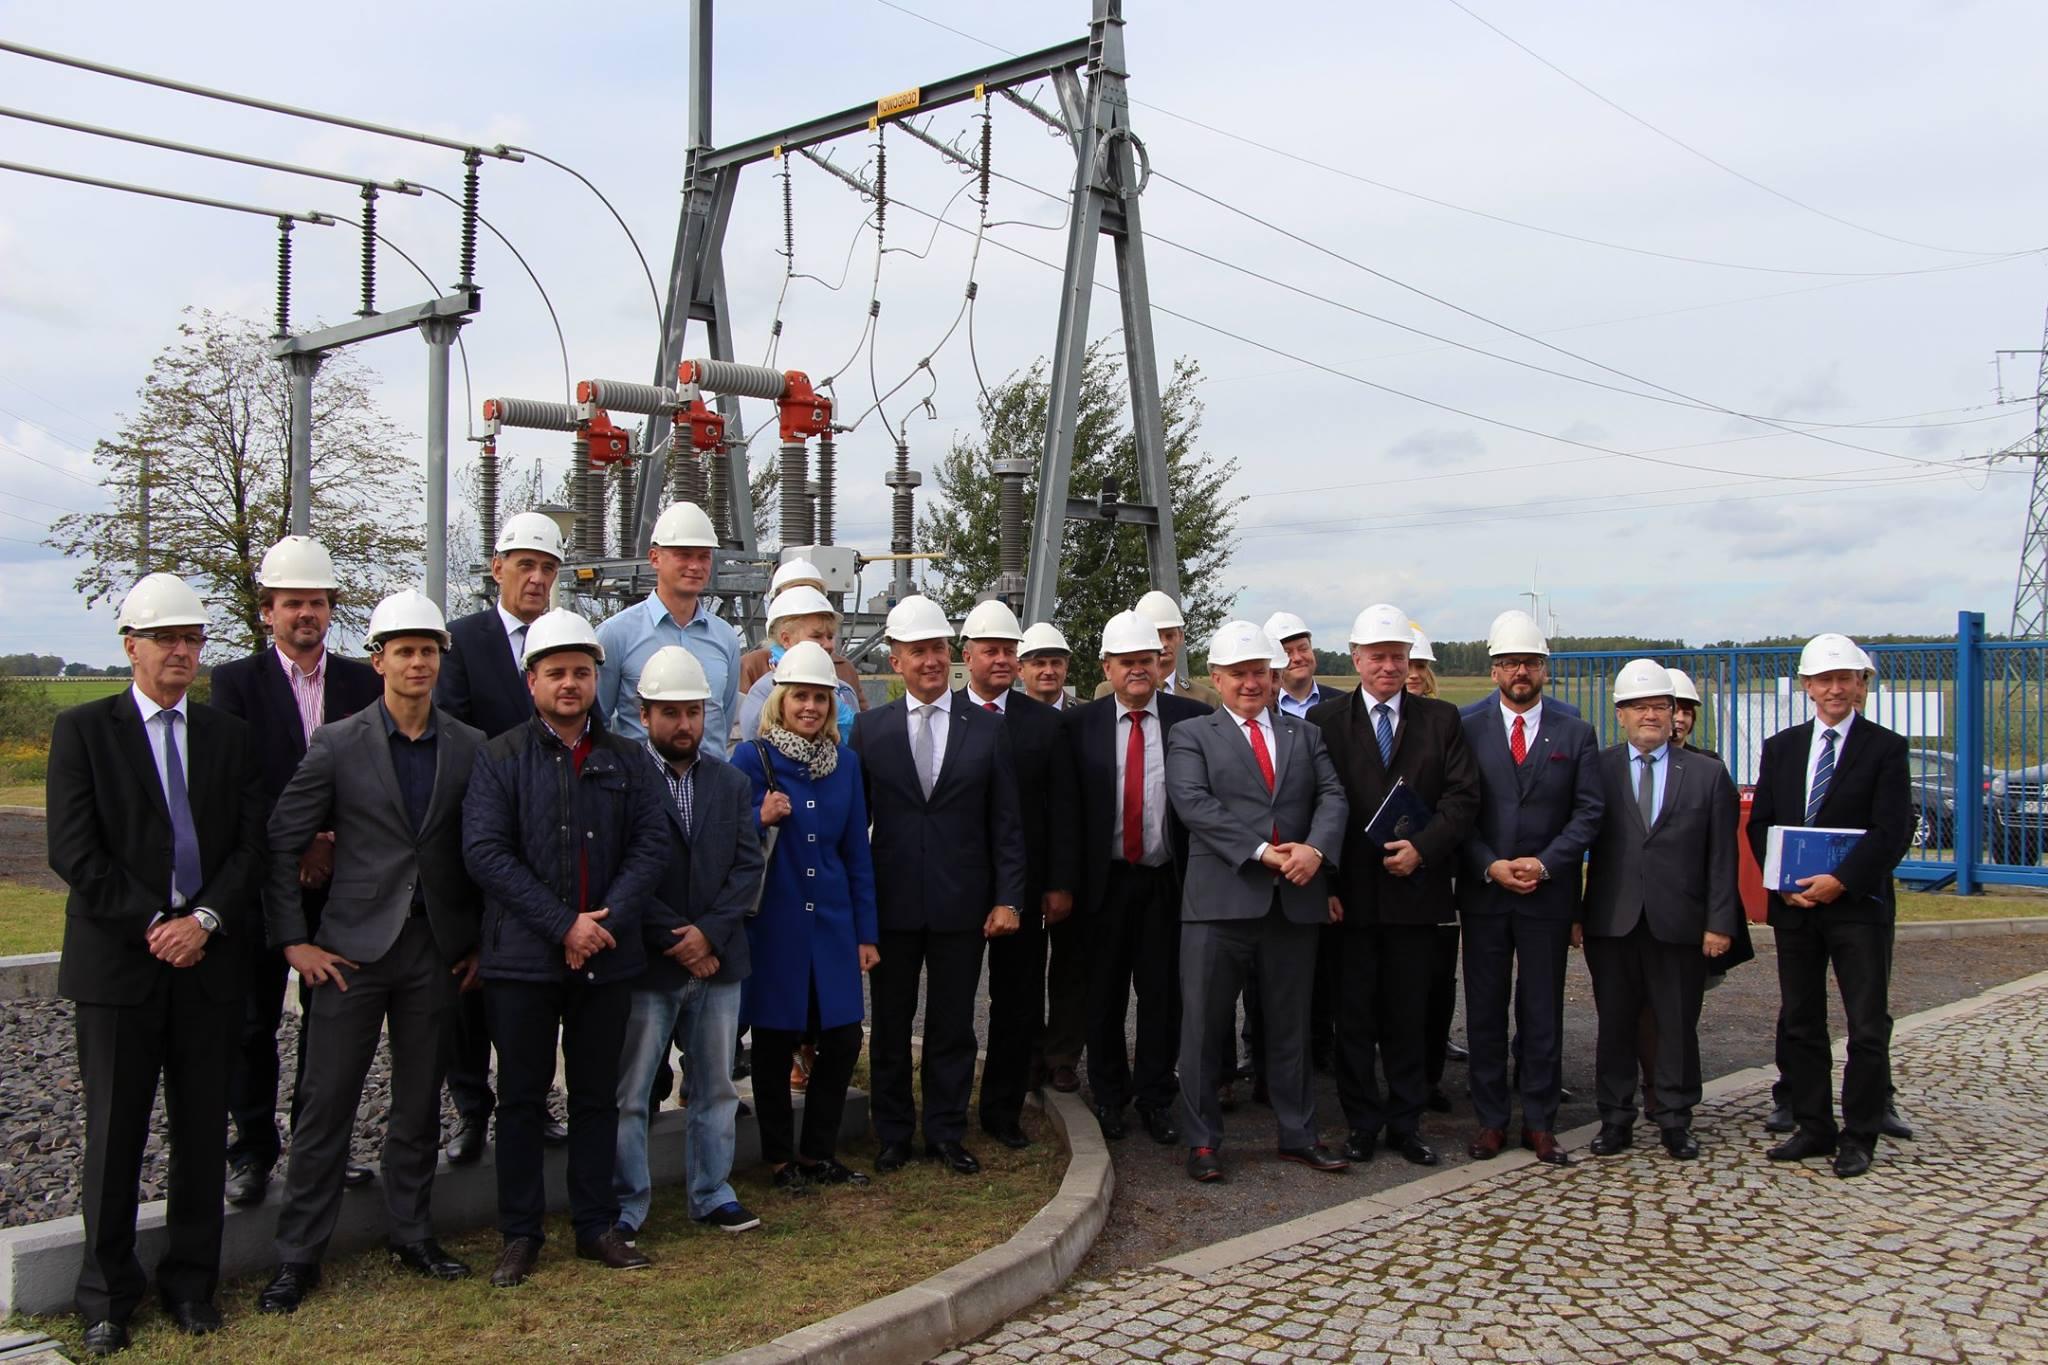 Ilustracja do informacji: Danuta Madej Burmistrz Miasta Żary wzięła udział w uroczystym uruchomieniu linii energetycznej 110 KV relacji Nowogród Bobrzański- Żary